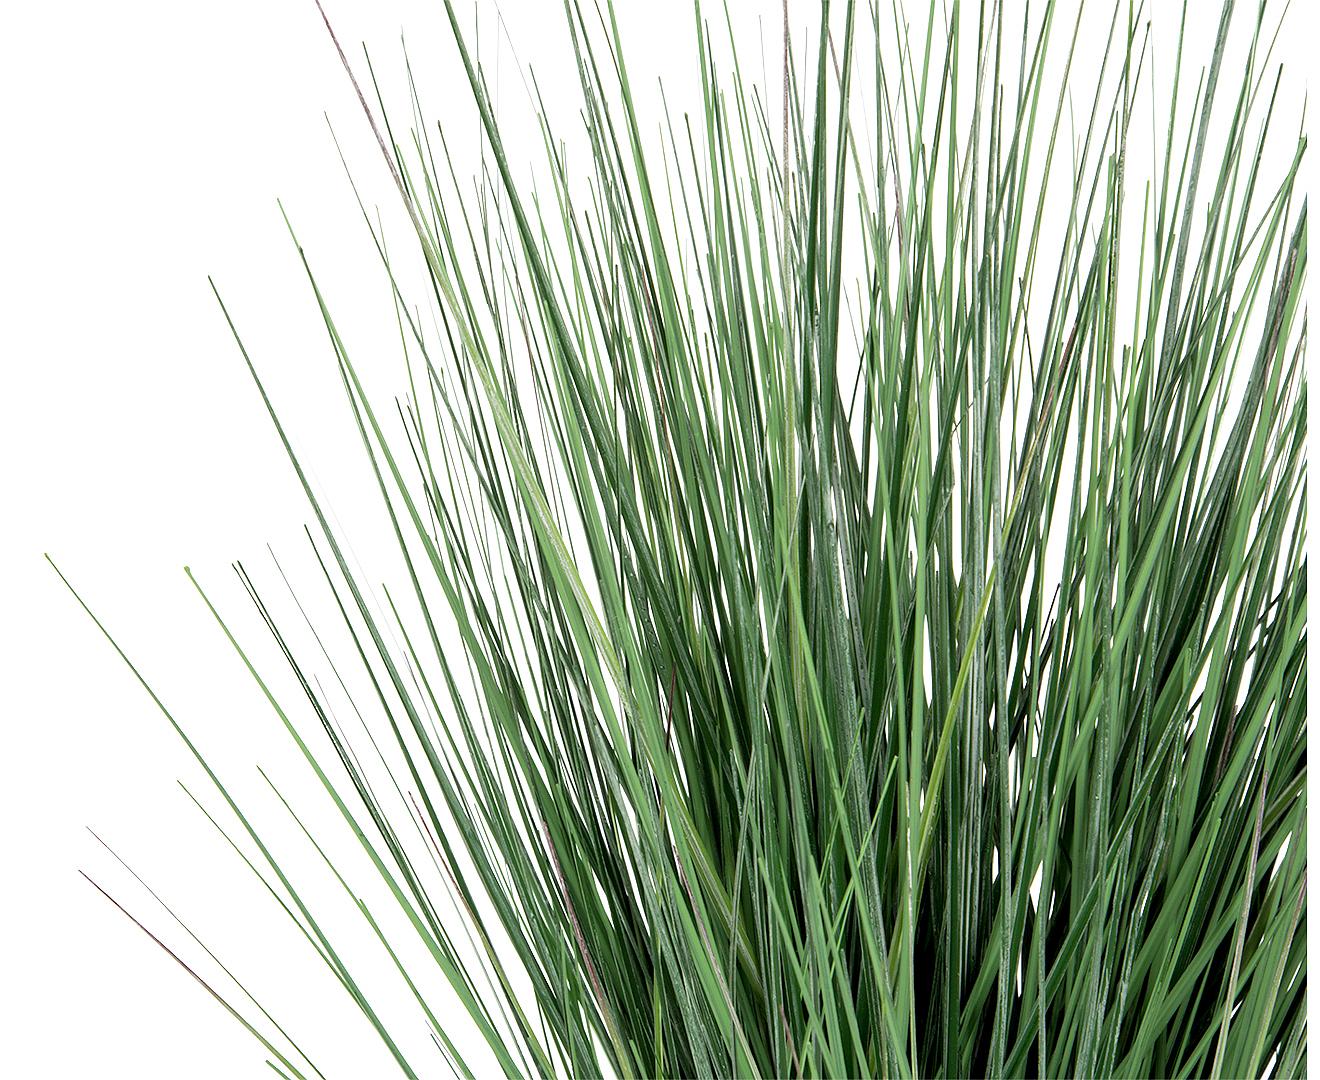 Botanica 56cm artificial pond grass plant spring green for Pond grass plants